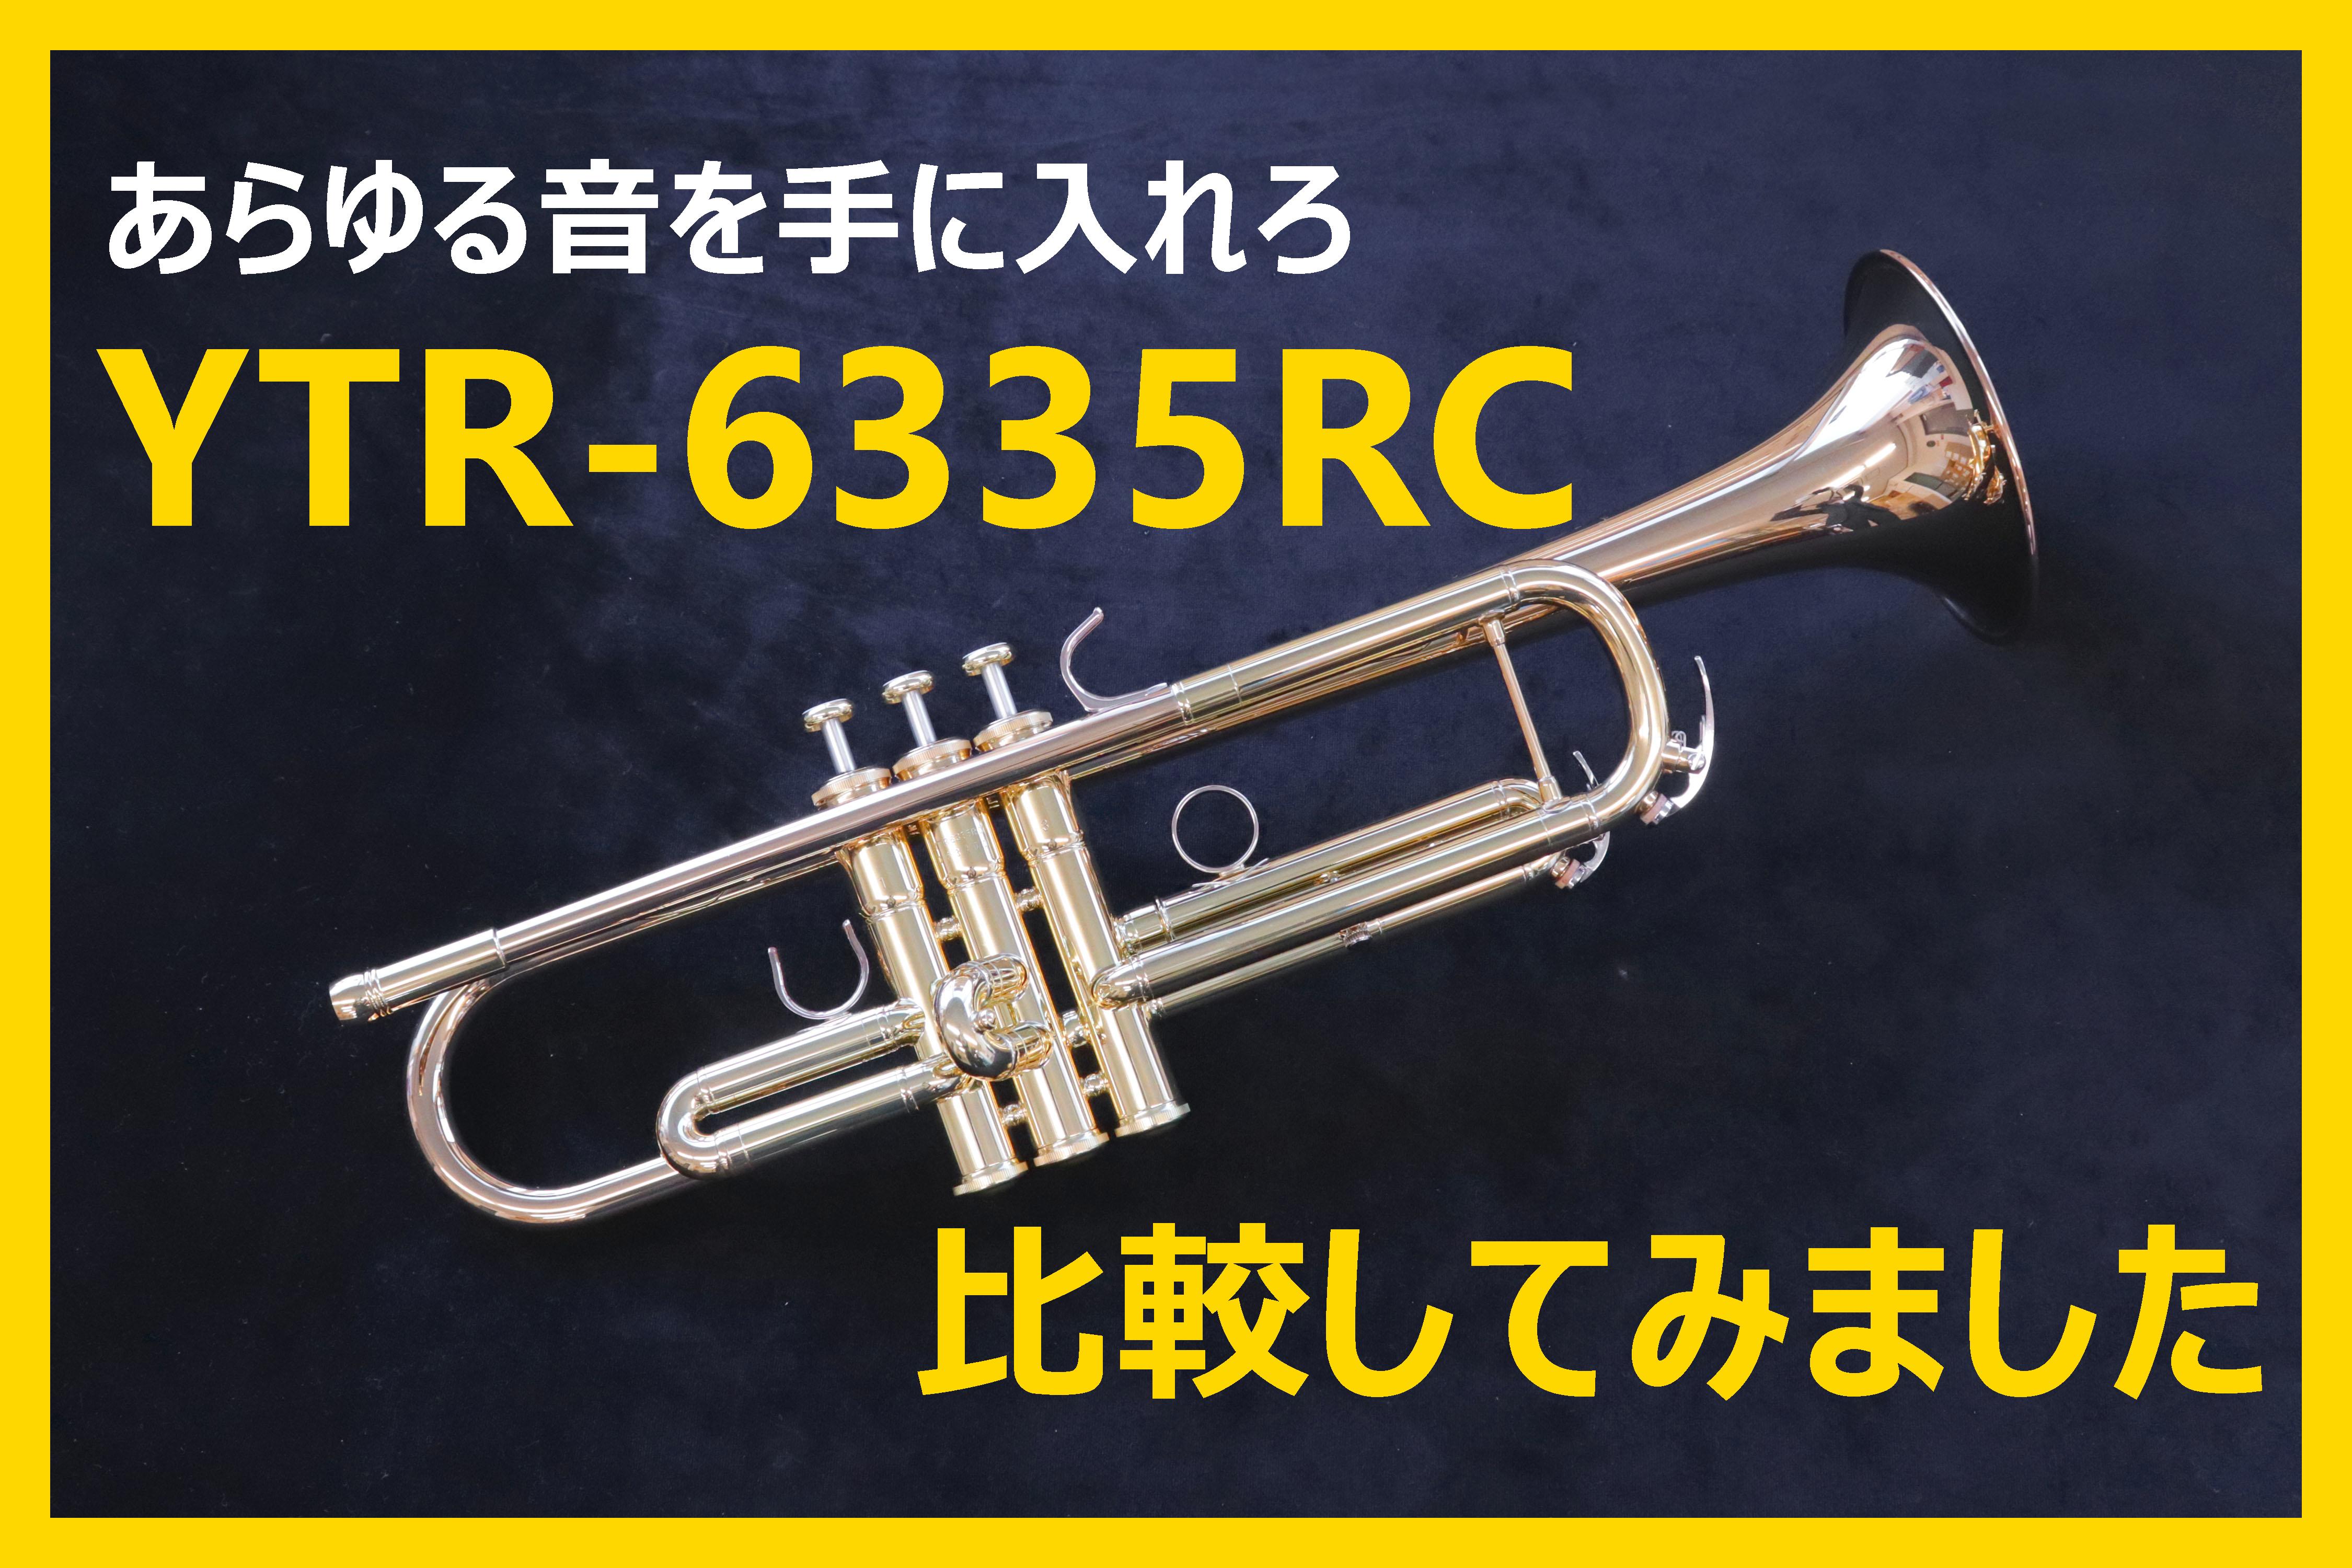 【あらゆる音を手に入れろ】話題のYTR-6335RC入荷しております!